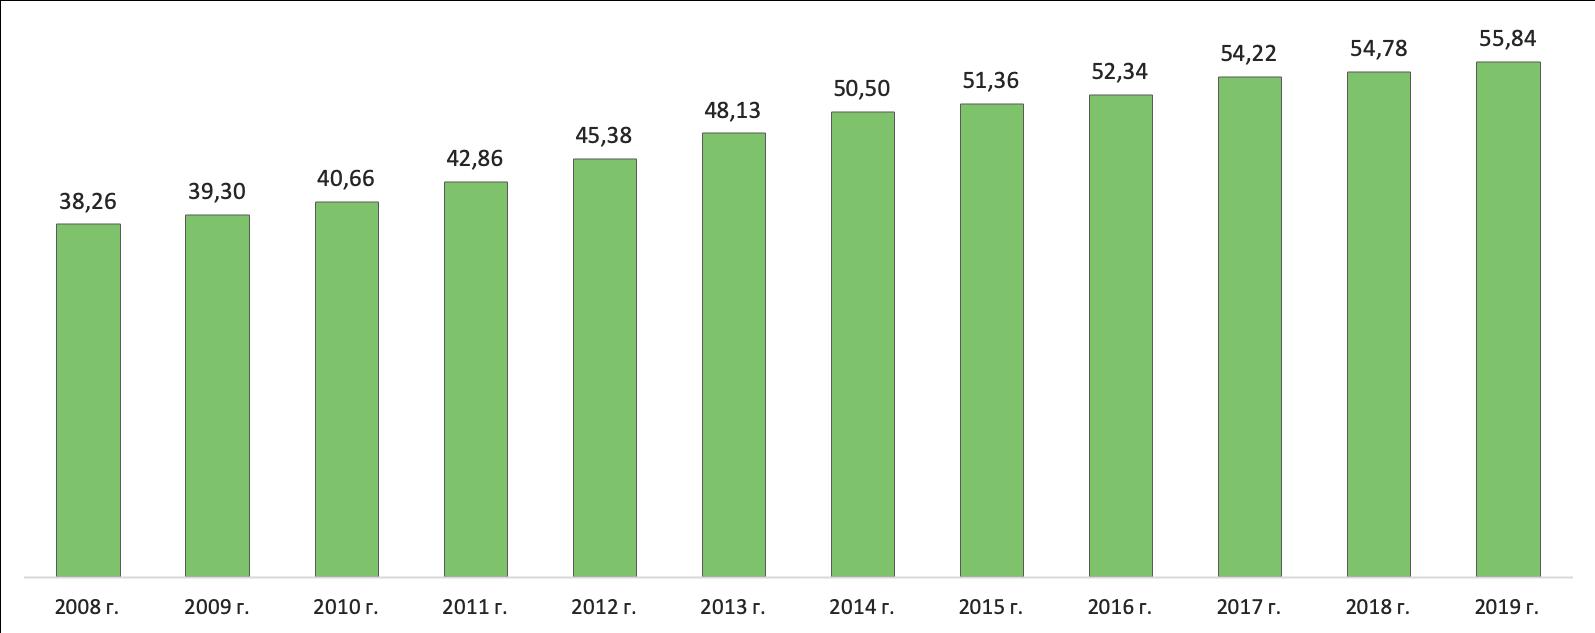 Статистика российского рынка легковых автомобилей